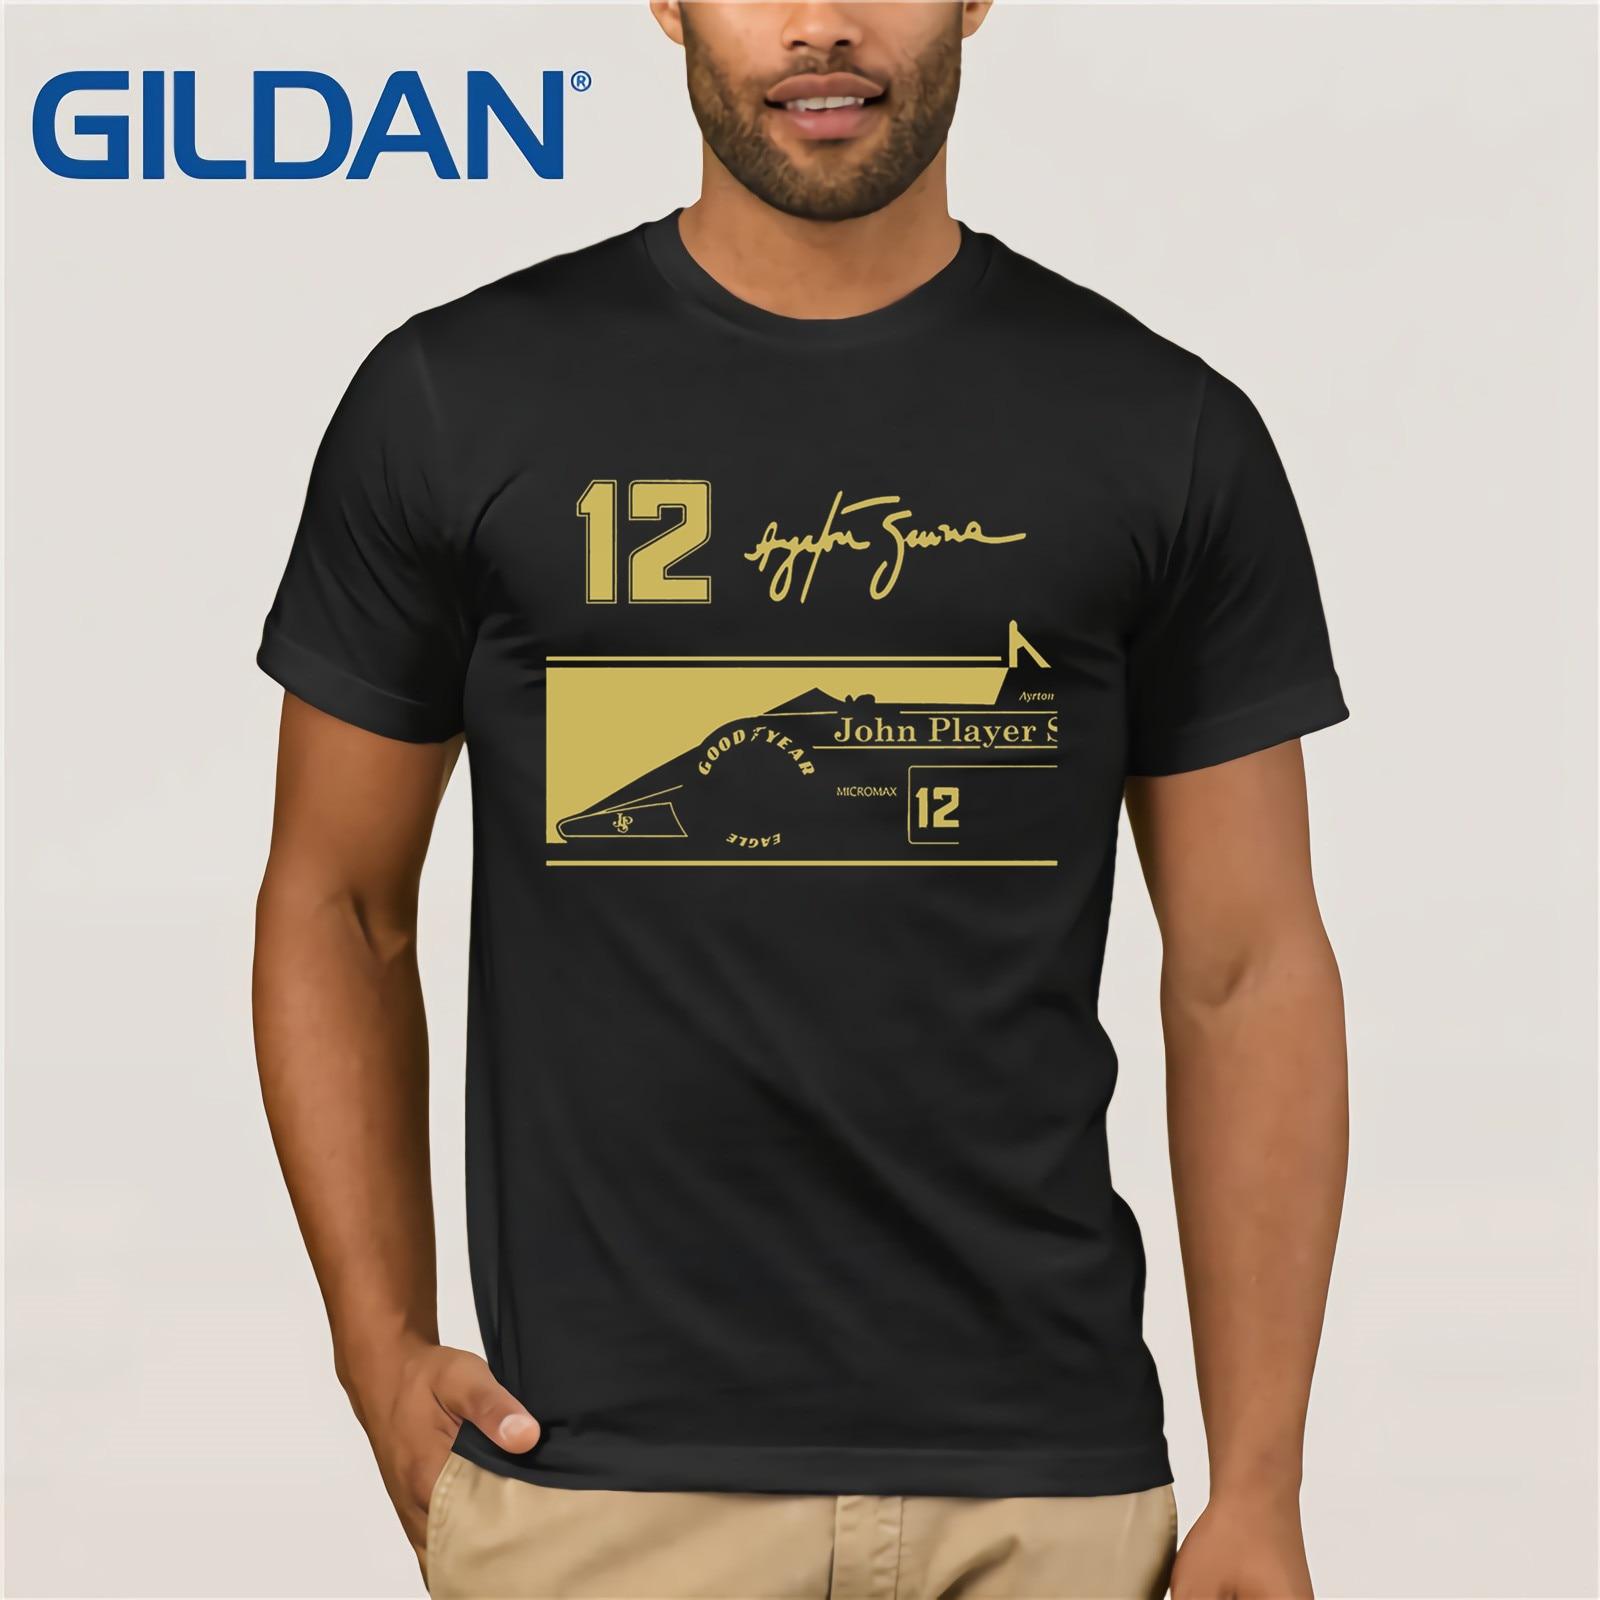 2019-nouveau-decontracte-hommes-t-shirt-nouveaute-haut-col-en-o-ayrton-font-b-senna-b-font-jps-hommage-t-shirt-12-signature-en-vrac-t-shirts